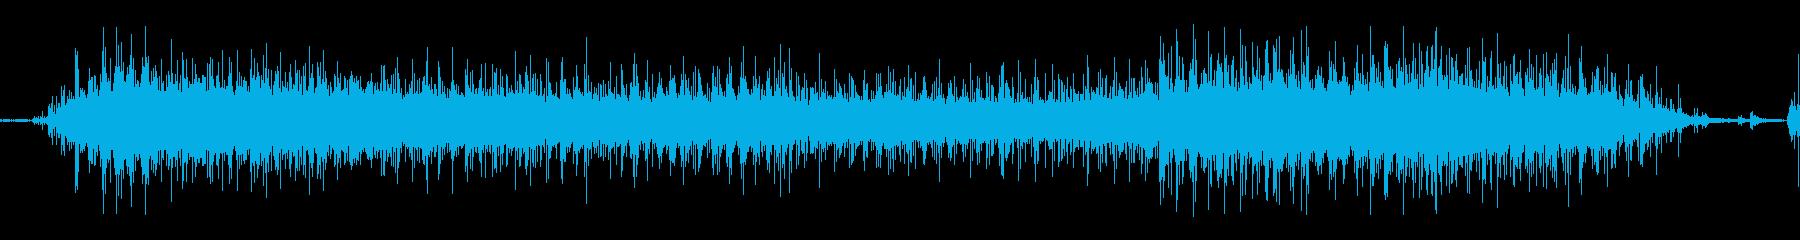 拍手、400人、長い; DIGIF...の再生済みの波形